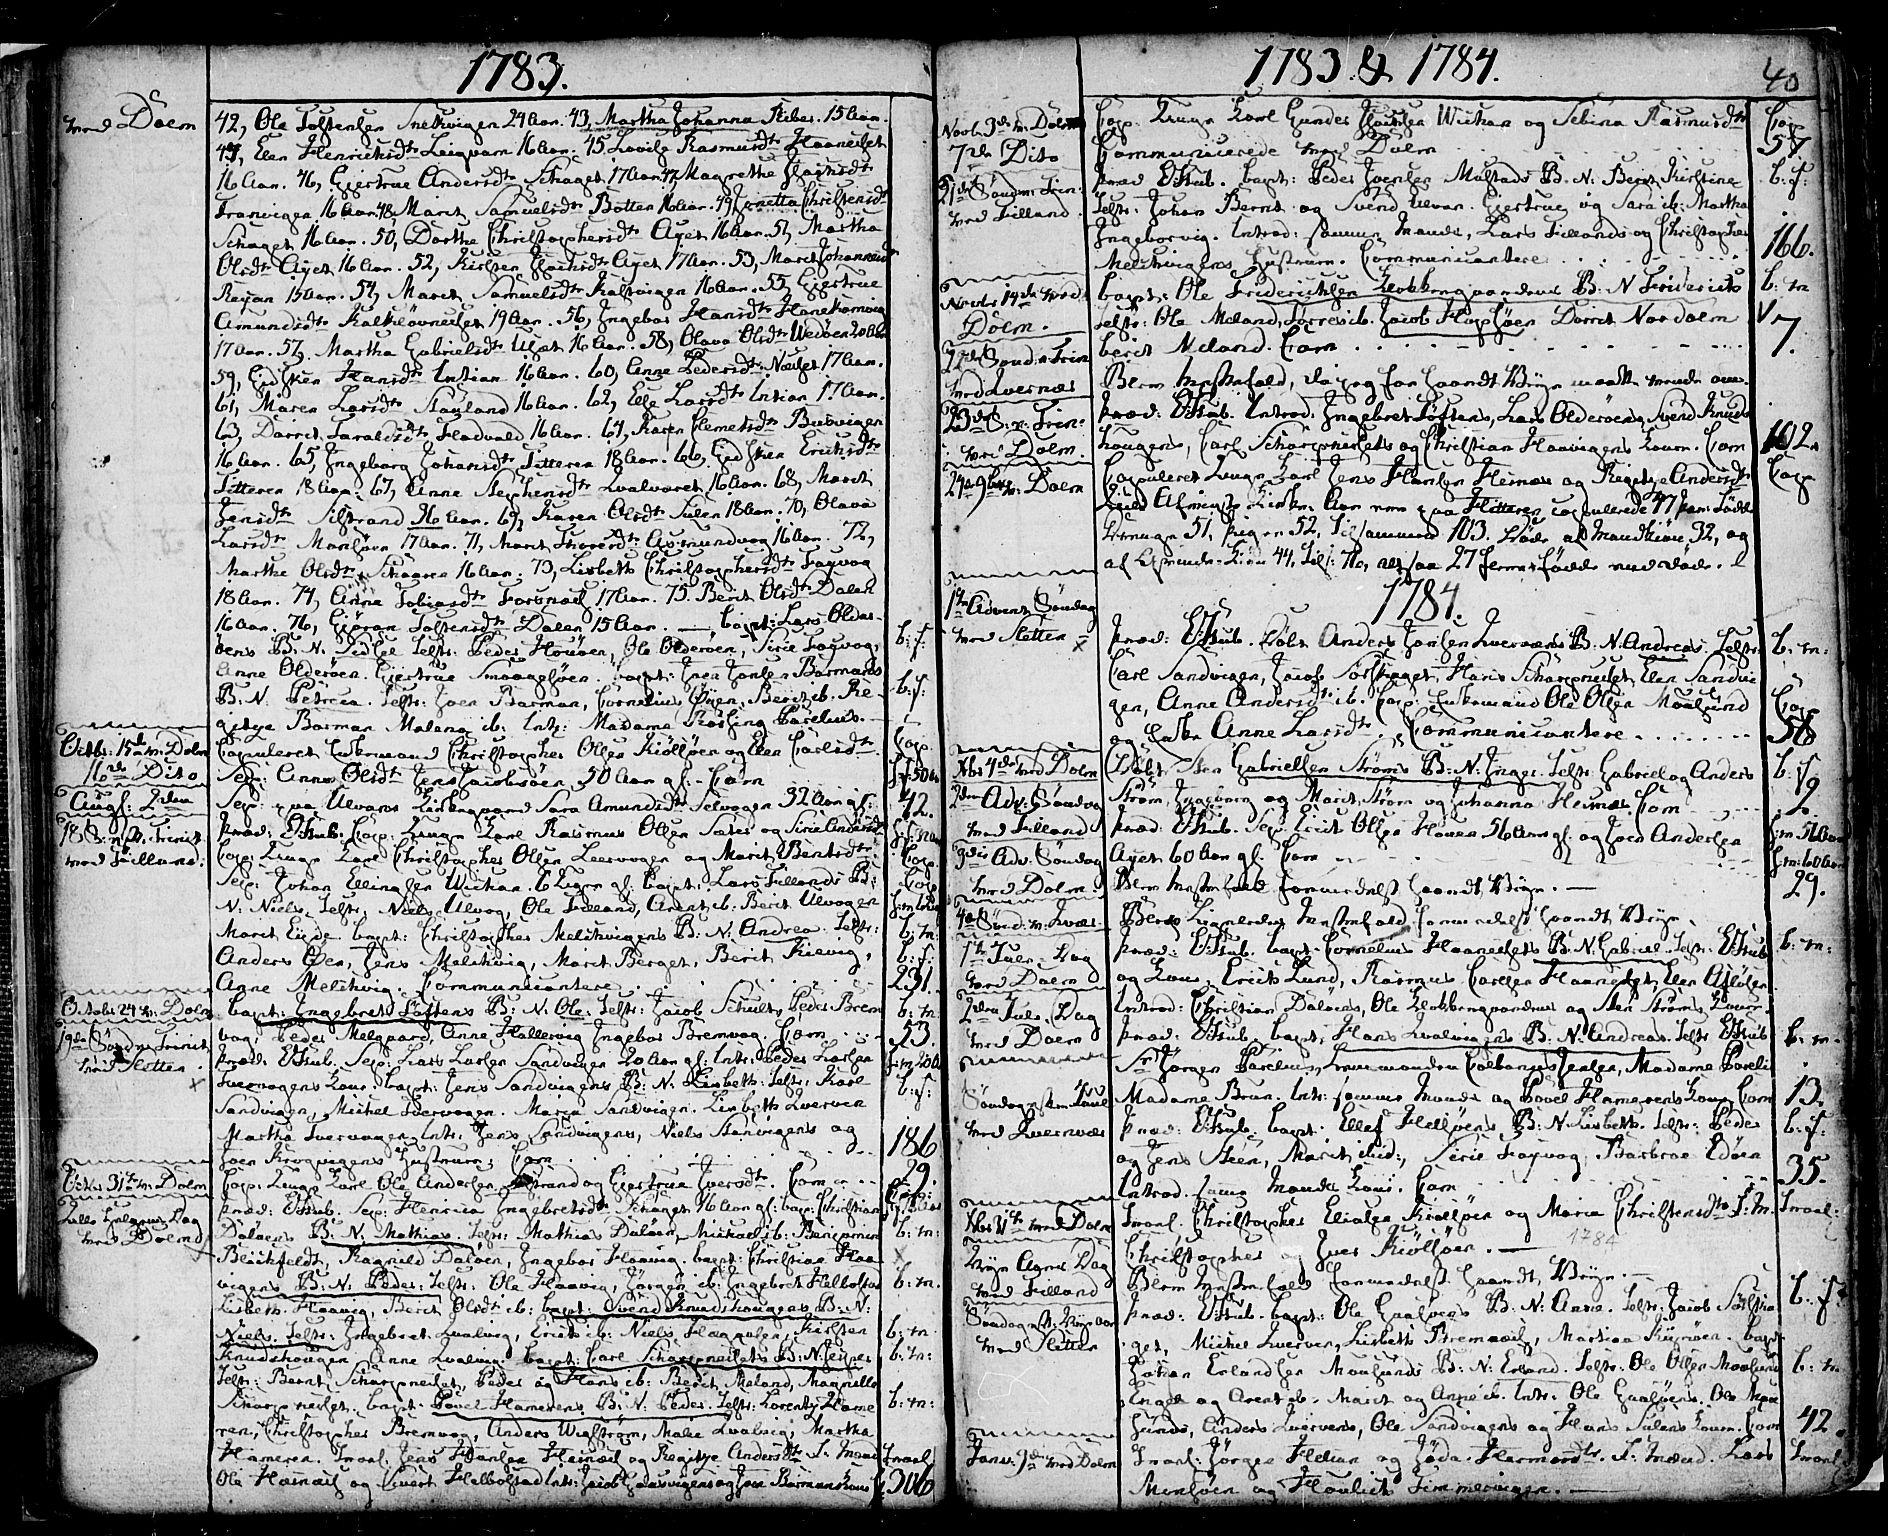 SAT, Ministerialprotokoller, klokkerbøker og fødselsregistre - Sør-Trøndelag, 634/L0526: Ministerialbok nr. 634A02, 1775-1818, s. 40